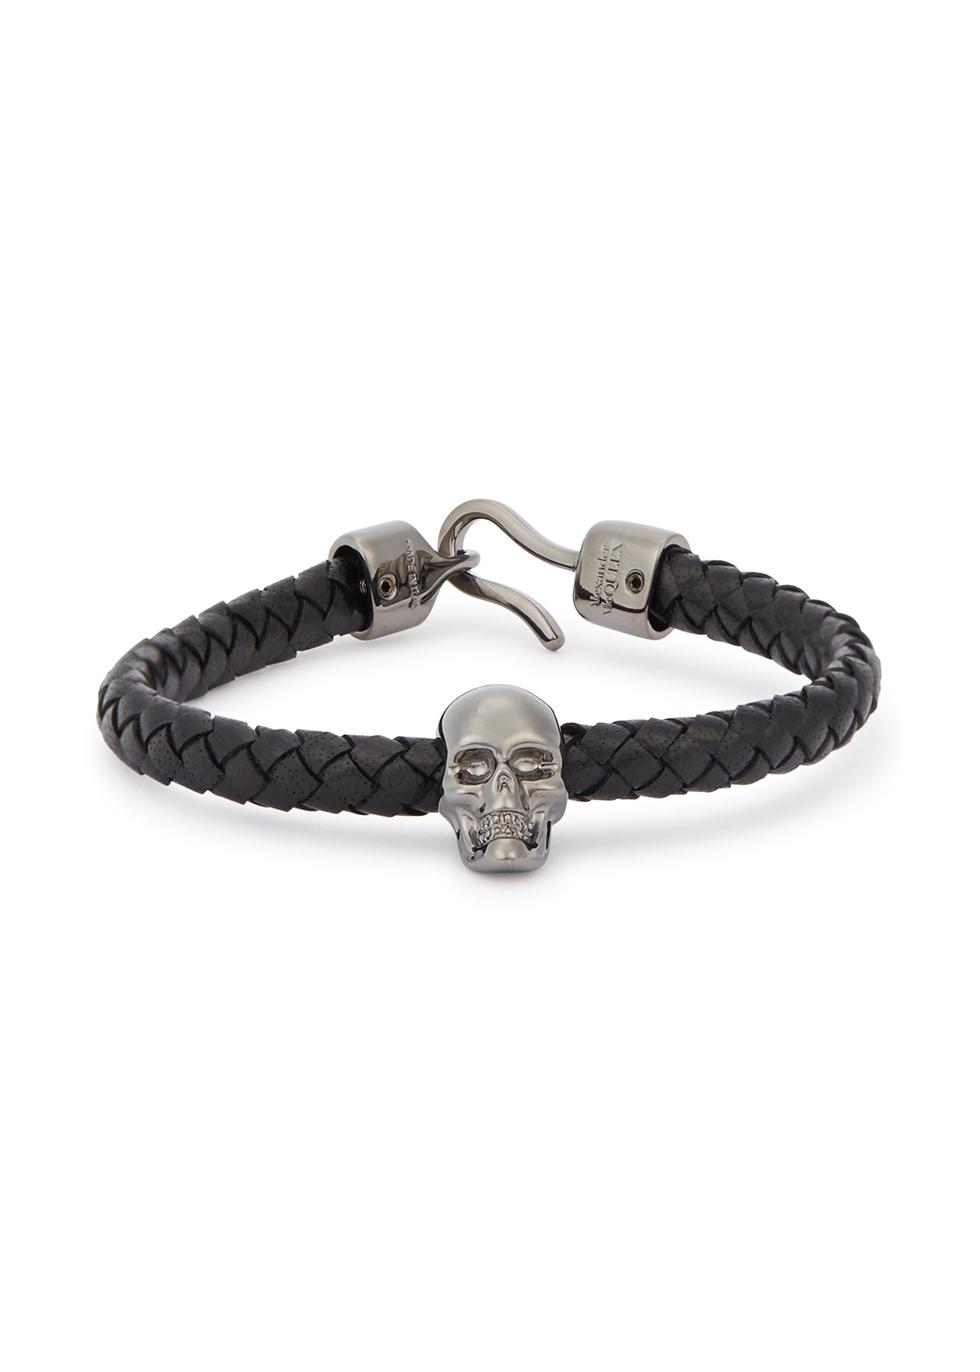 Skull braided leather bracelet